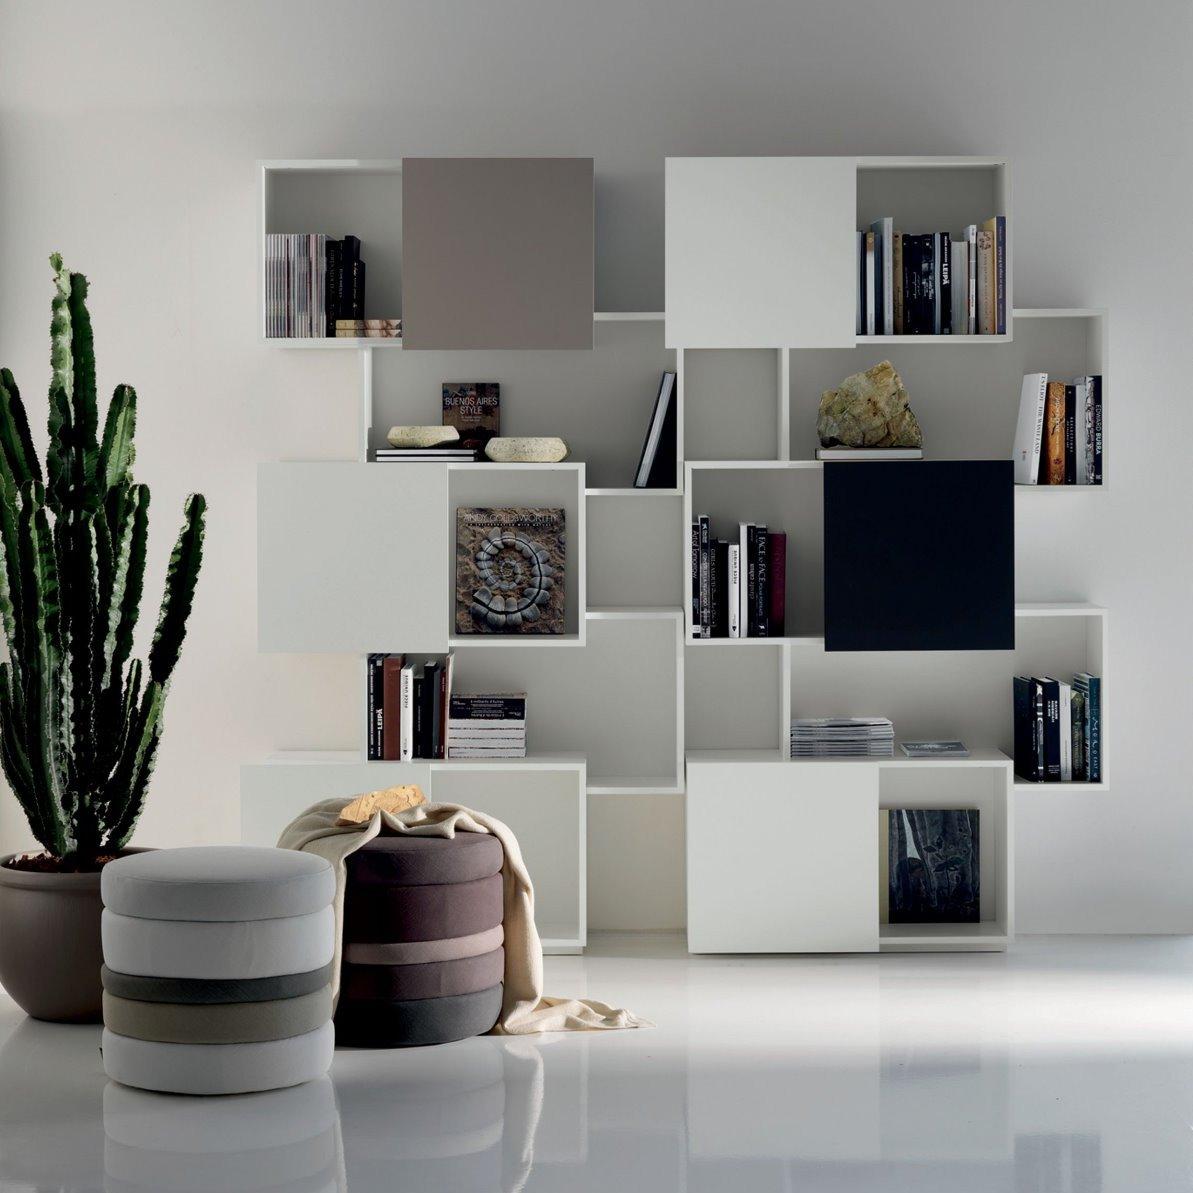 Libreria A Muro Moderna Ikea idee - le migliori librerie per la casa di un lettore